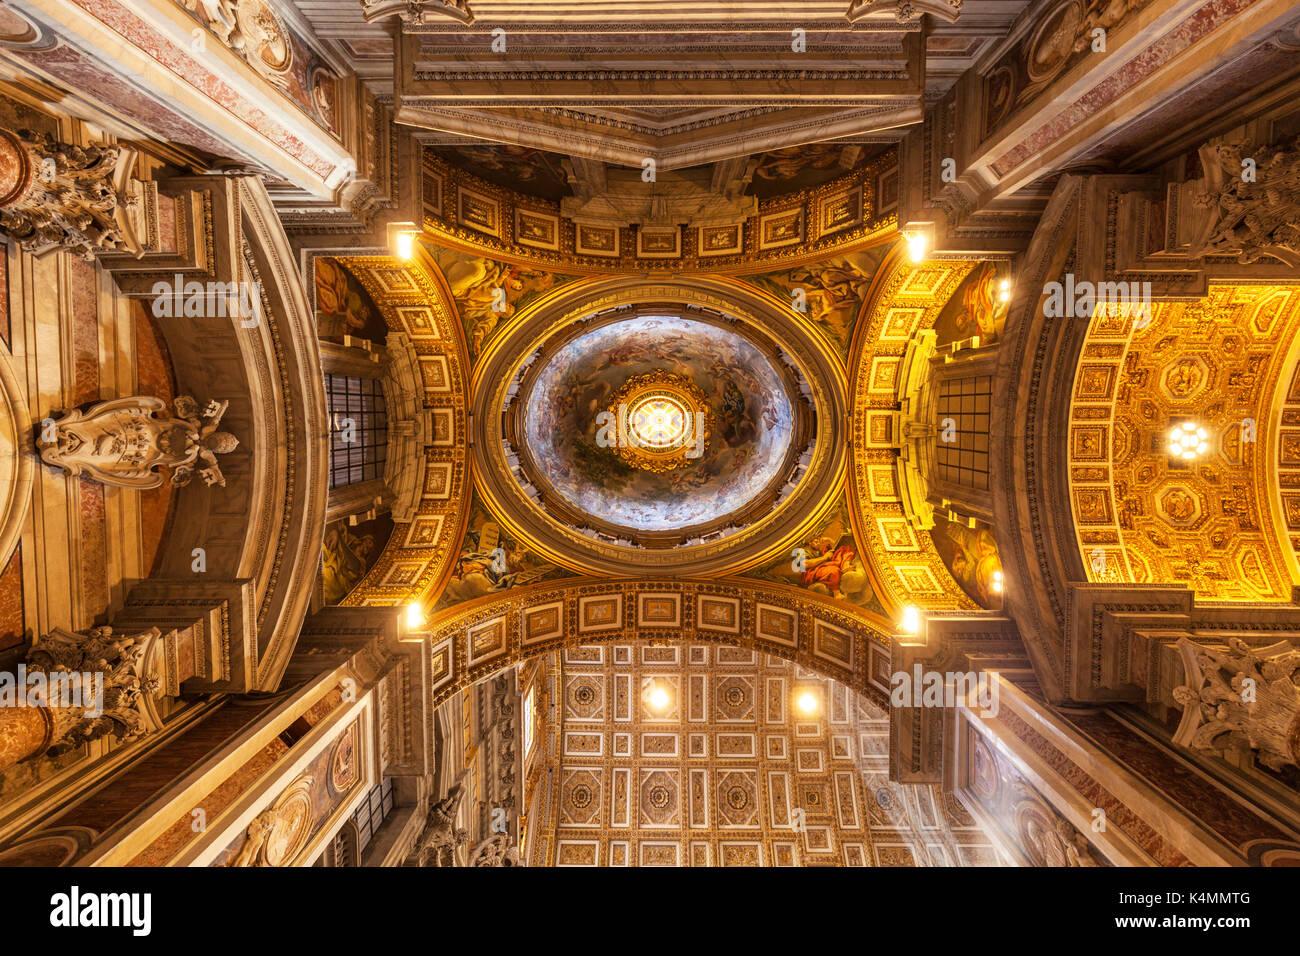 Interno della Basilica di San Pietro la cupola del Padiglione Città del Vaticano, Sito Patrimonio Mondiale dell'UNESCO, Roma, Lazio, l'Italia, Europa Immagini Stock